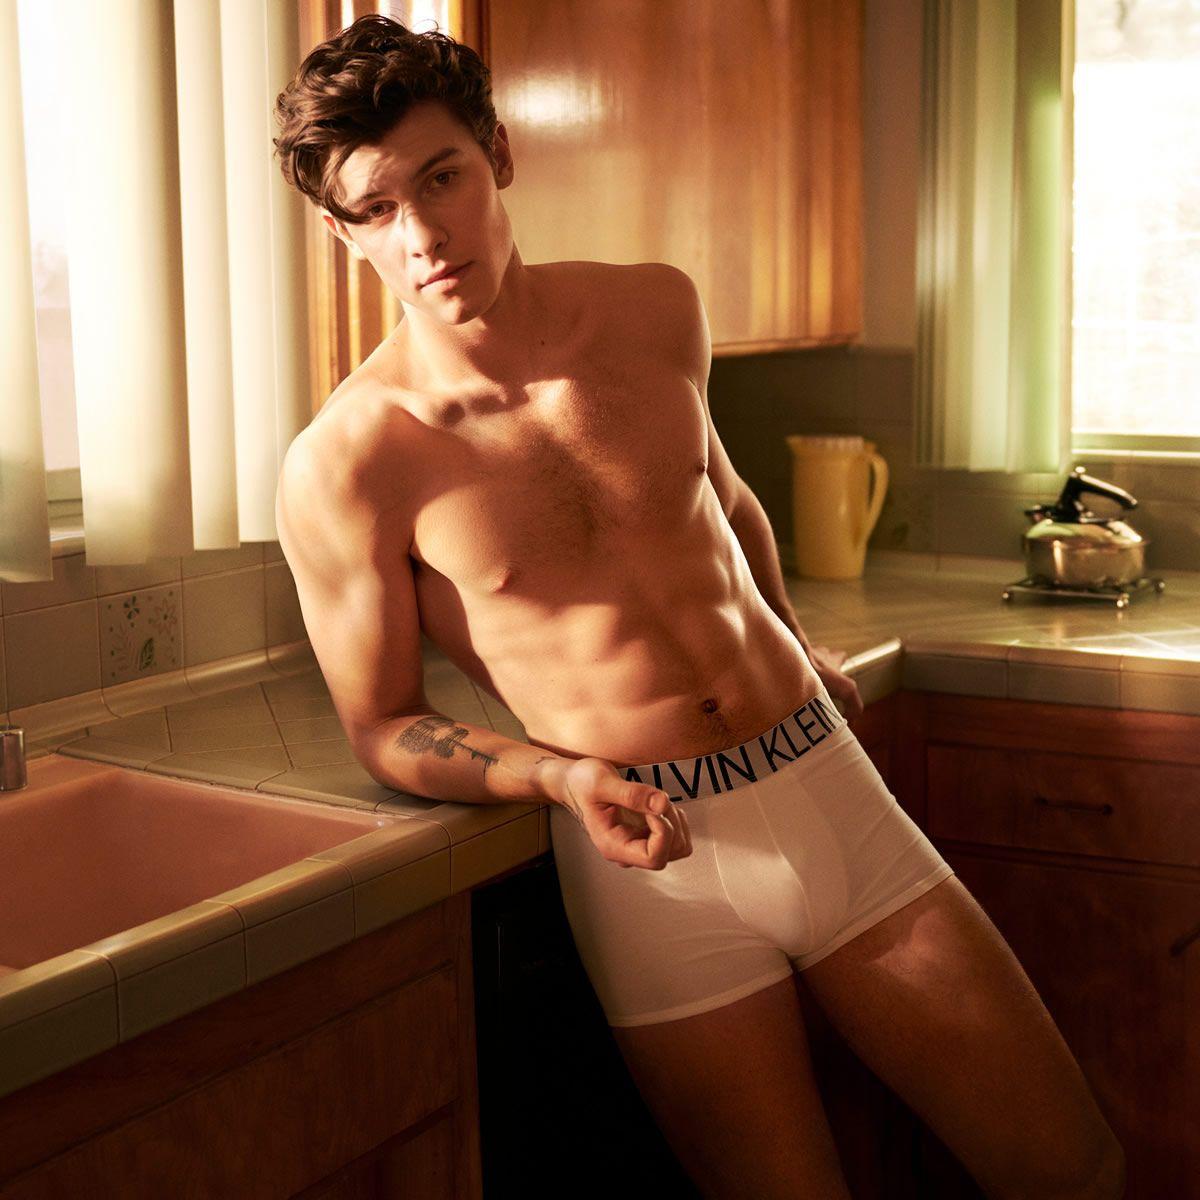 Underwear & Loungewear